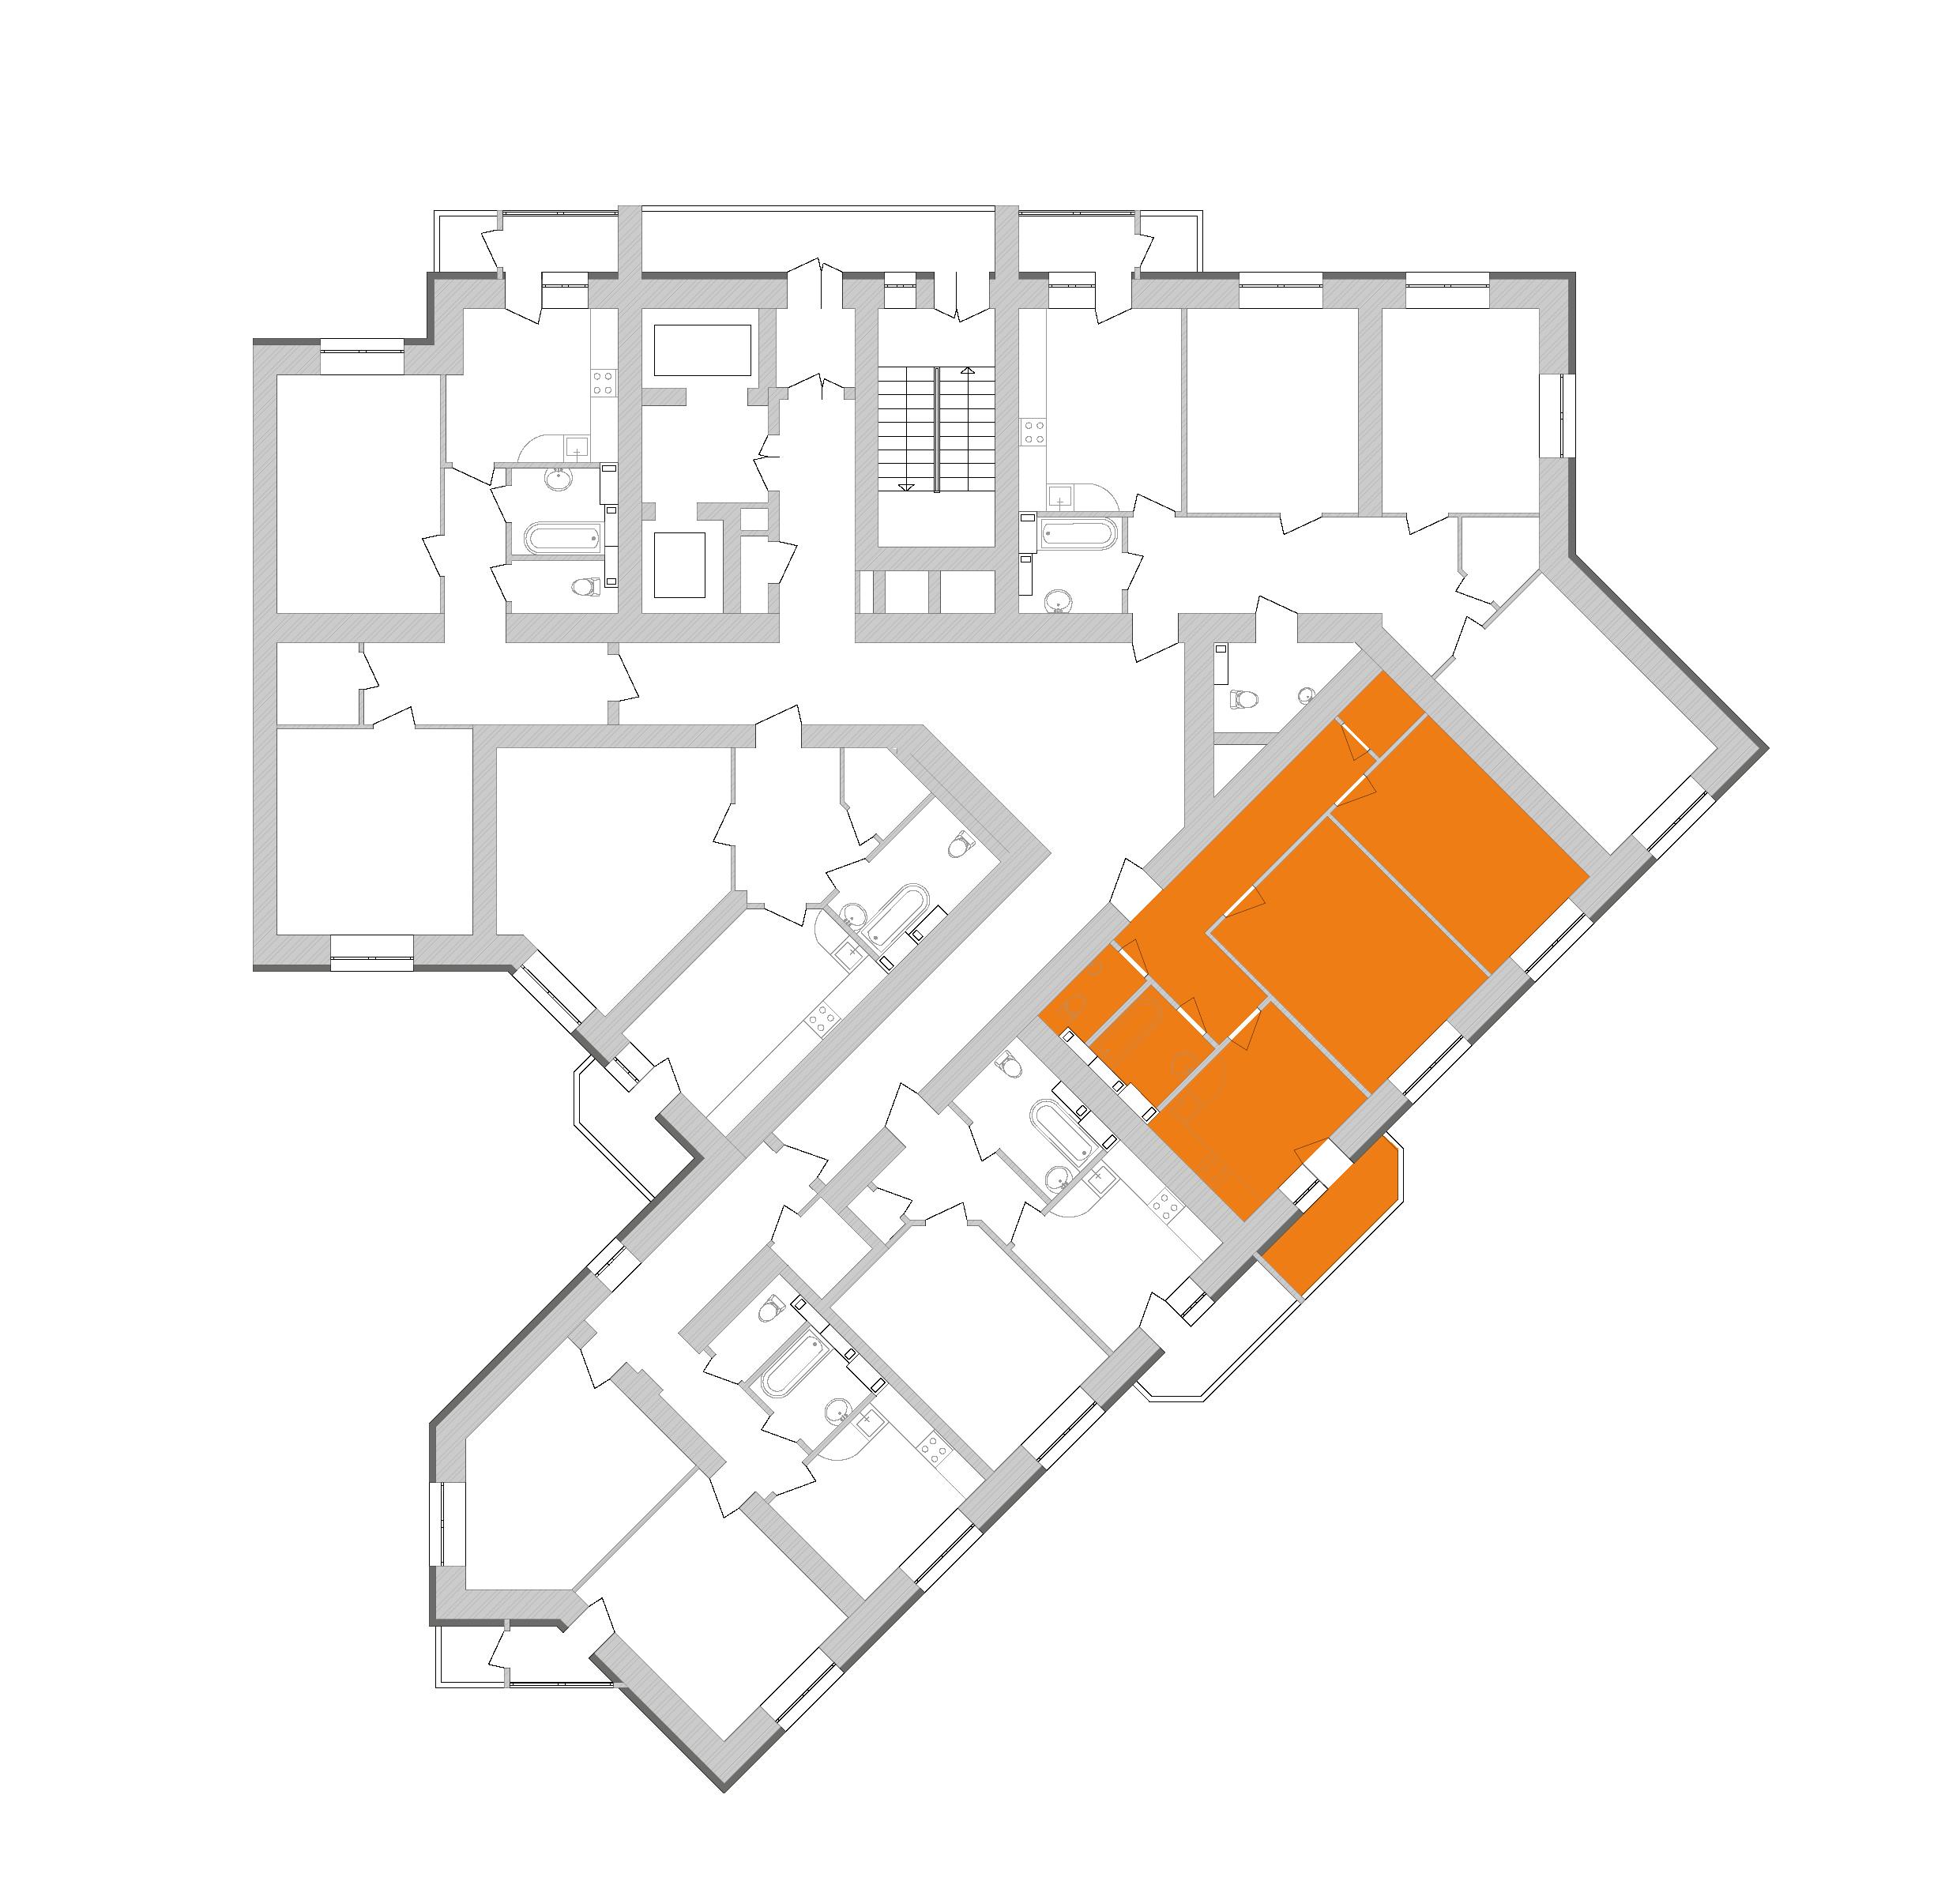 Двокімнатна квартира 64,02 кв.м., тип 2.1, будинок 1, секція 9 розташування на поверсі